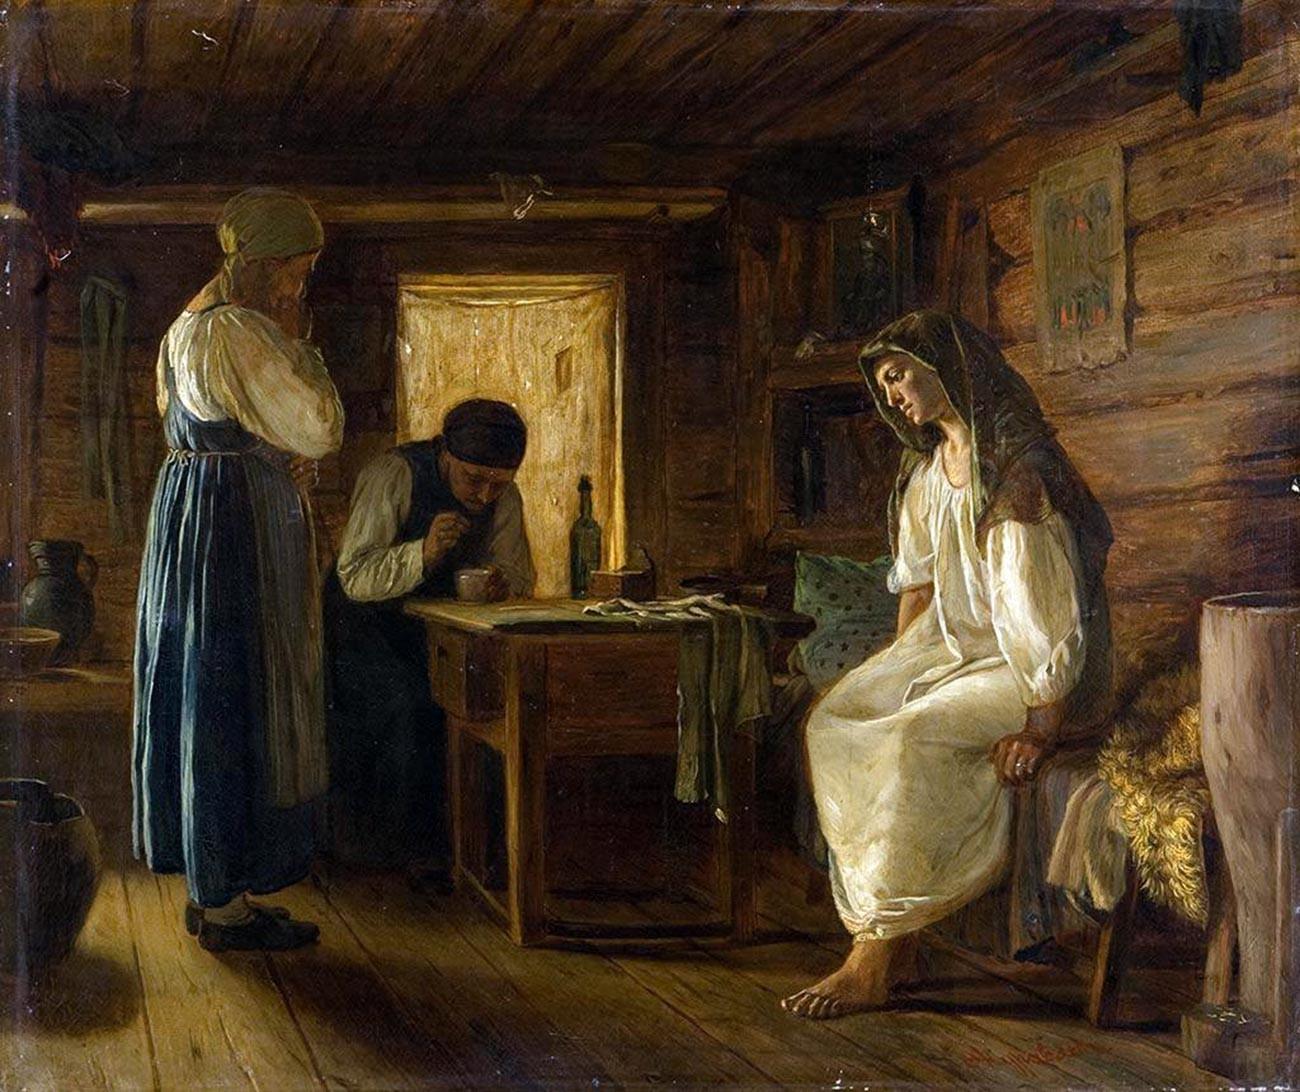 'La mujer sabia', de Firs Zhuravlev. Las hechiceras de los pueblos eran las que podían ayudar a deshacerse de un embarazo.